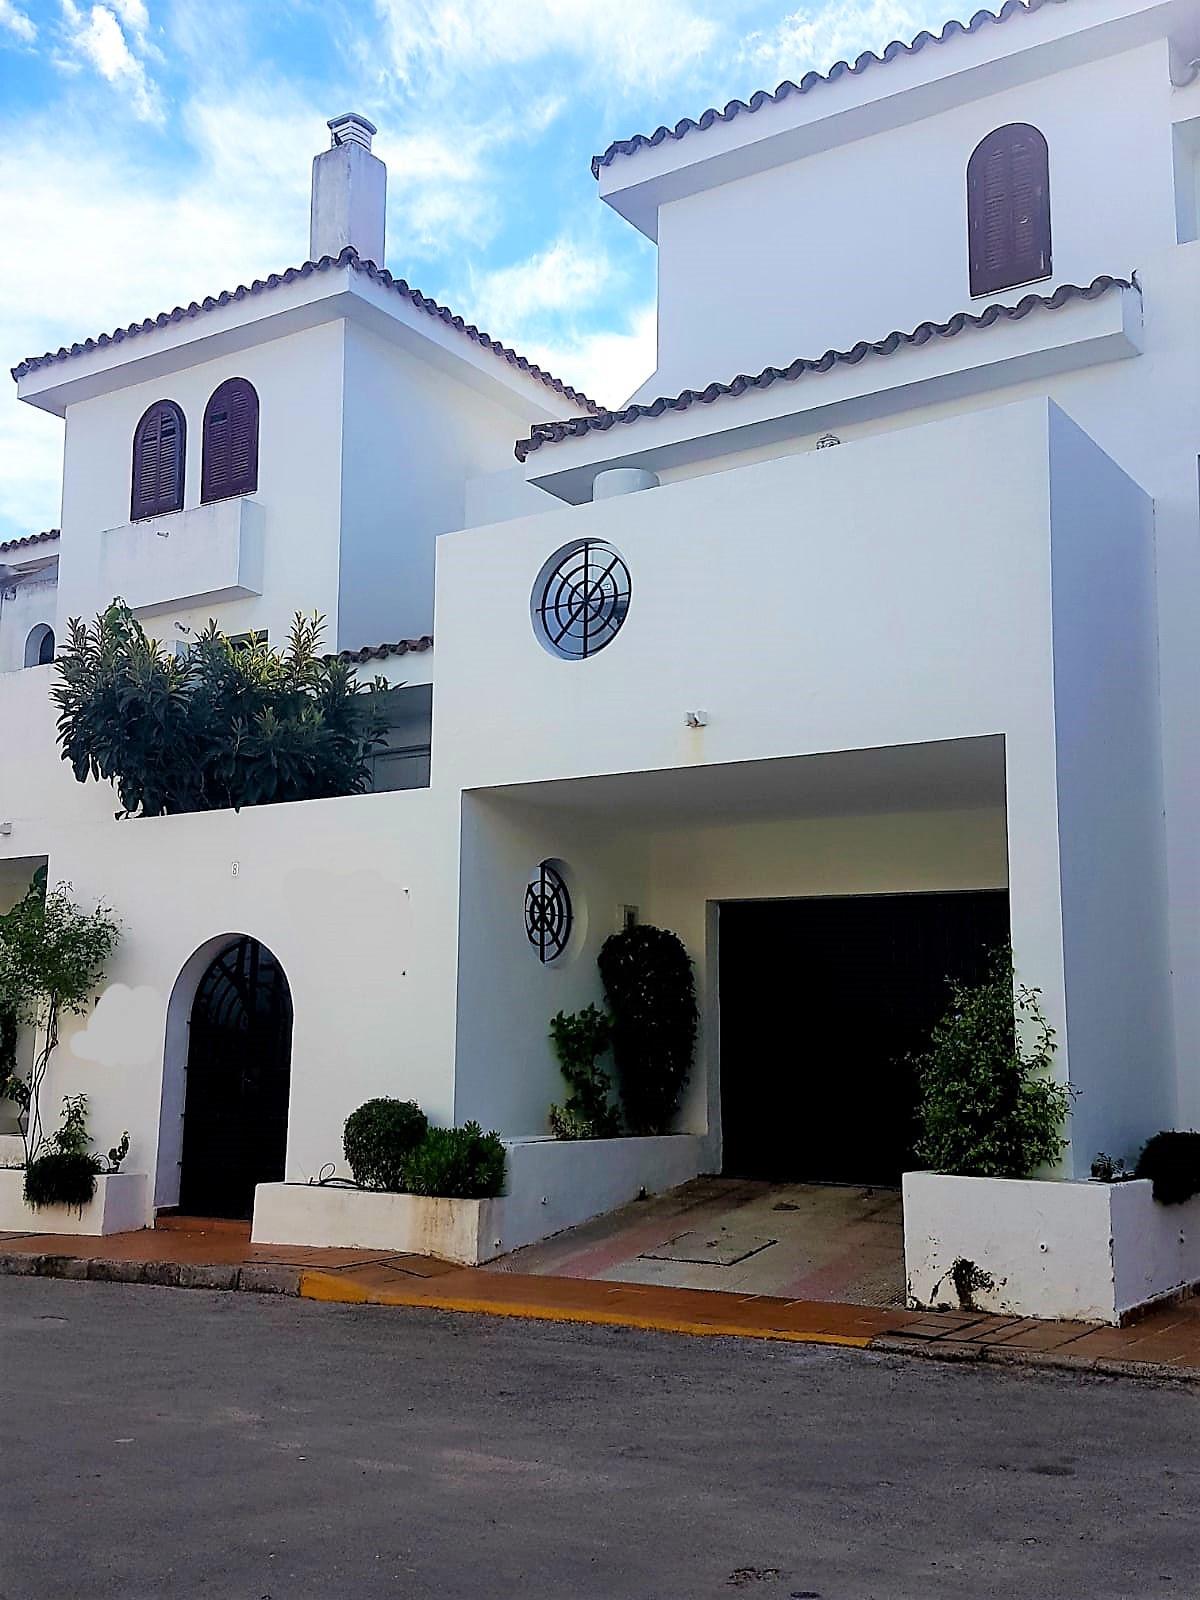 Townhouse en vente et en location